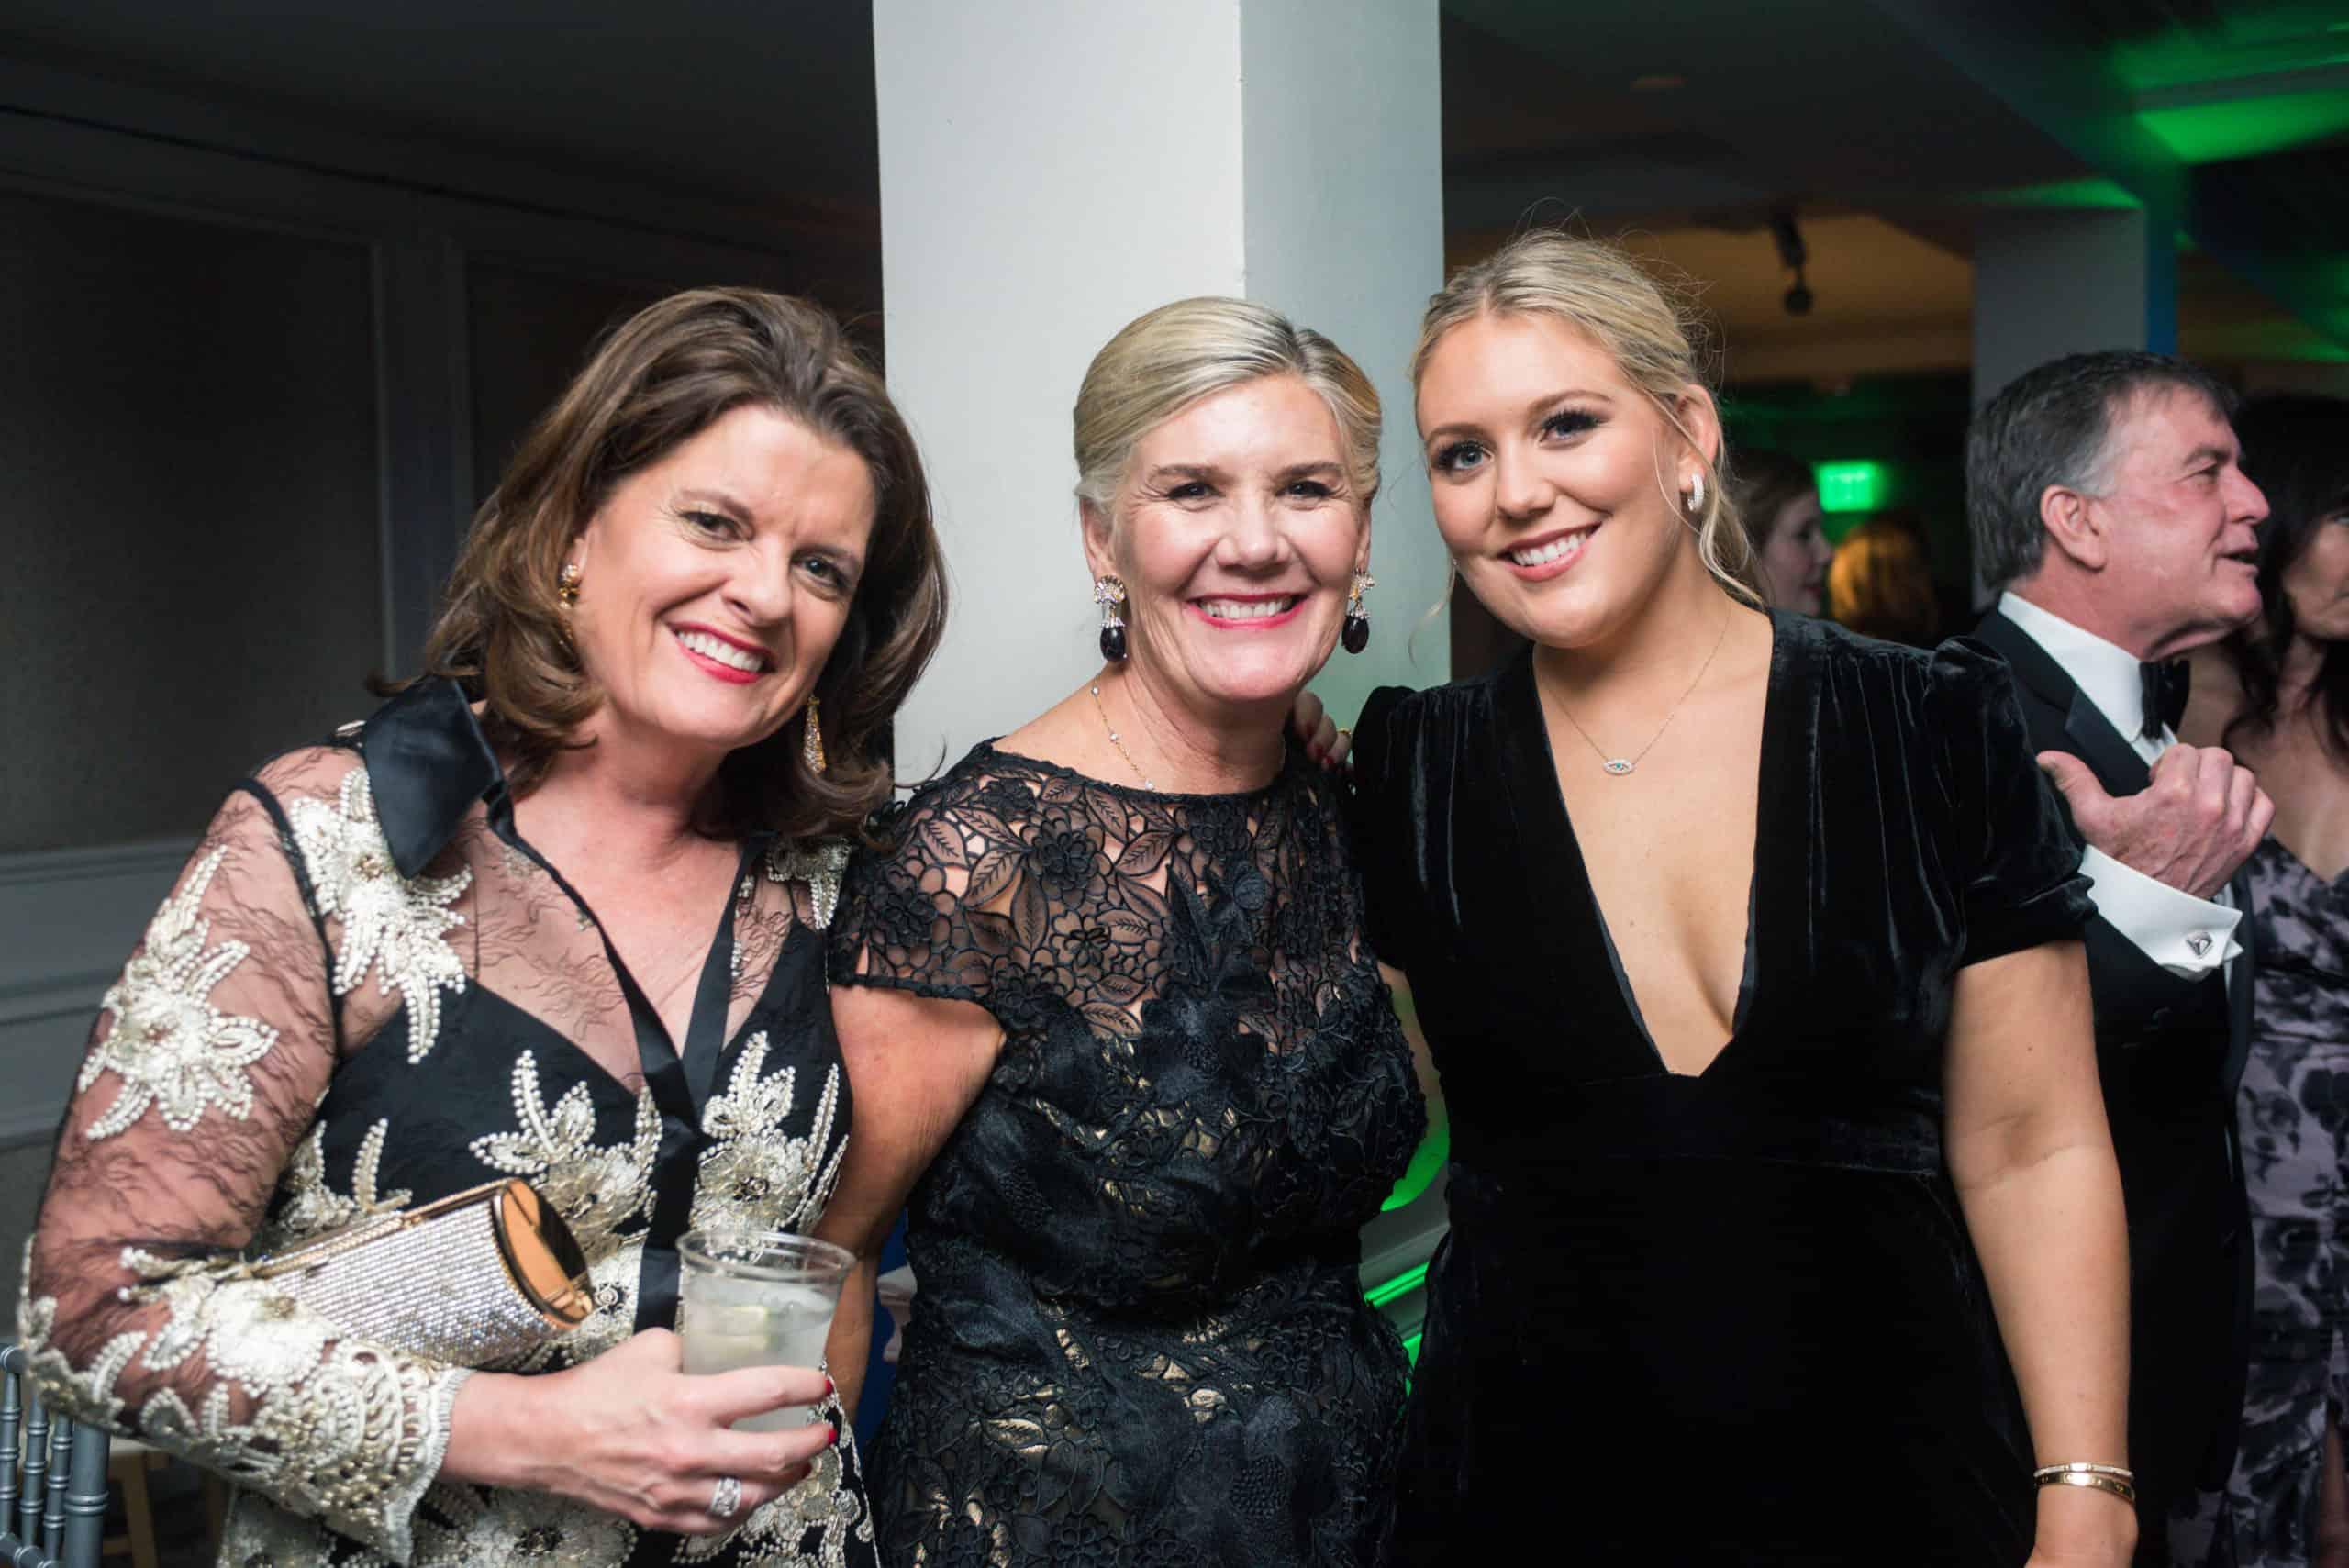 Kathy Bonner, Amy Ryder and Sarah Ryder